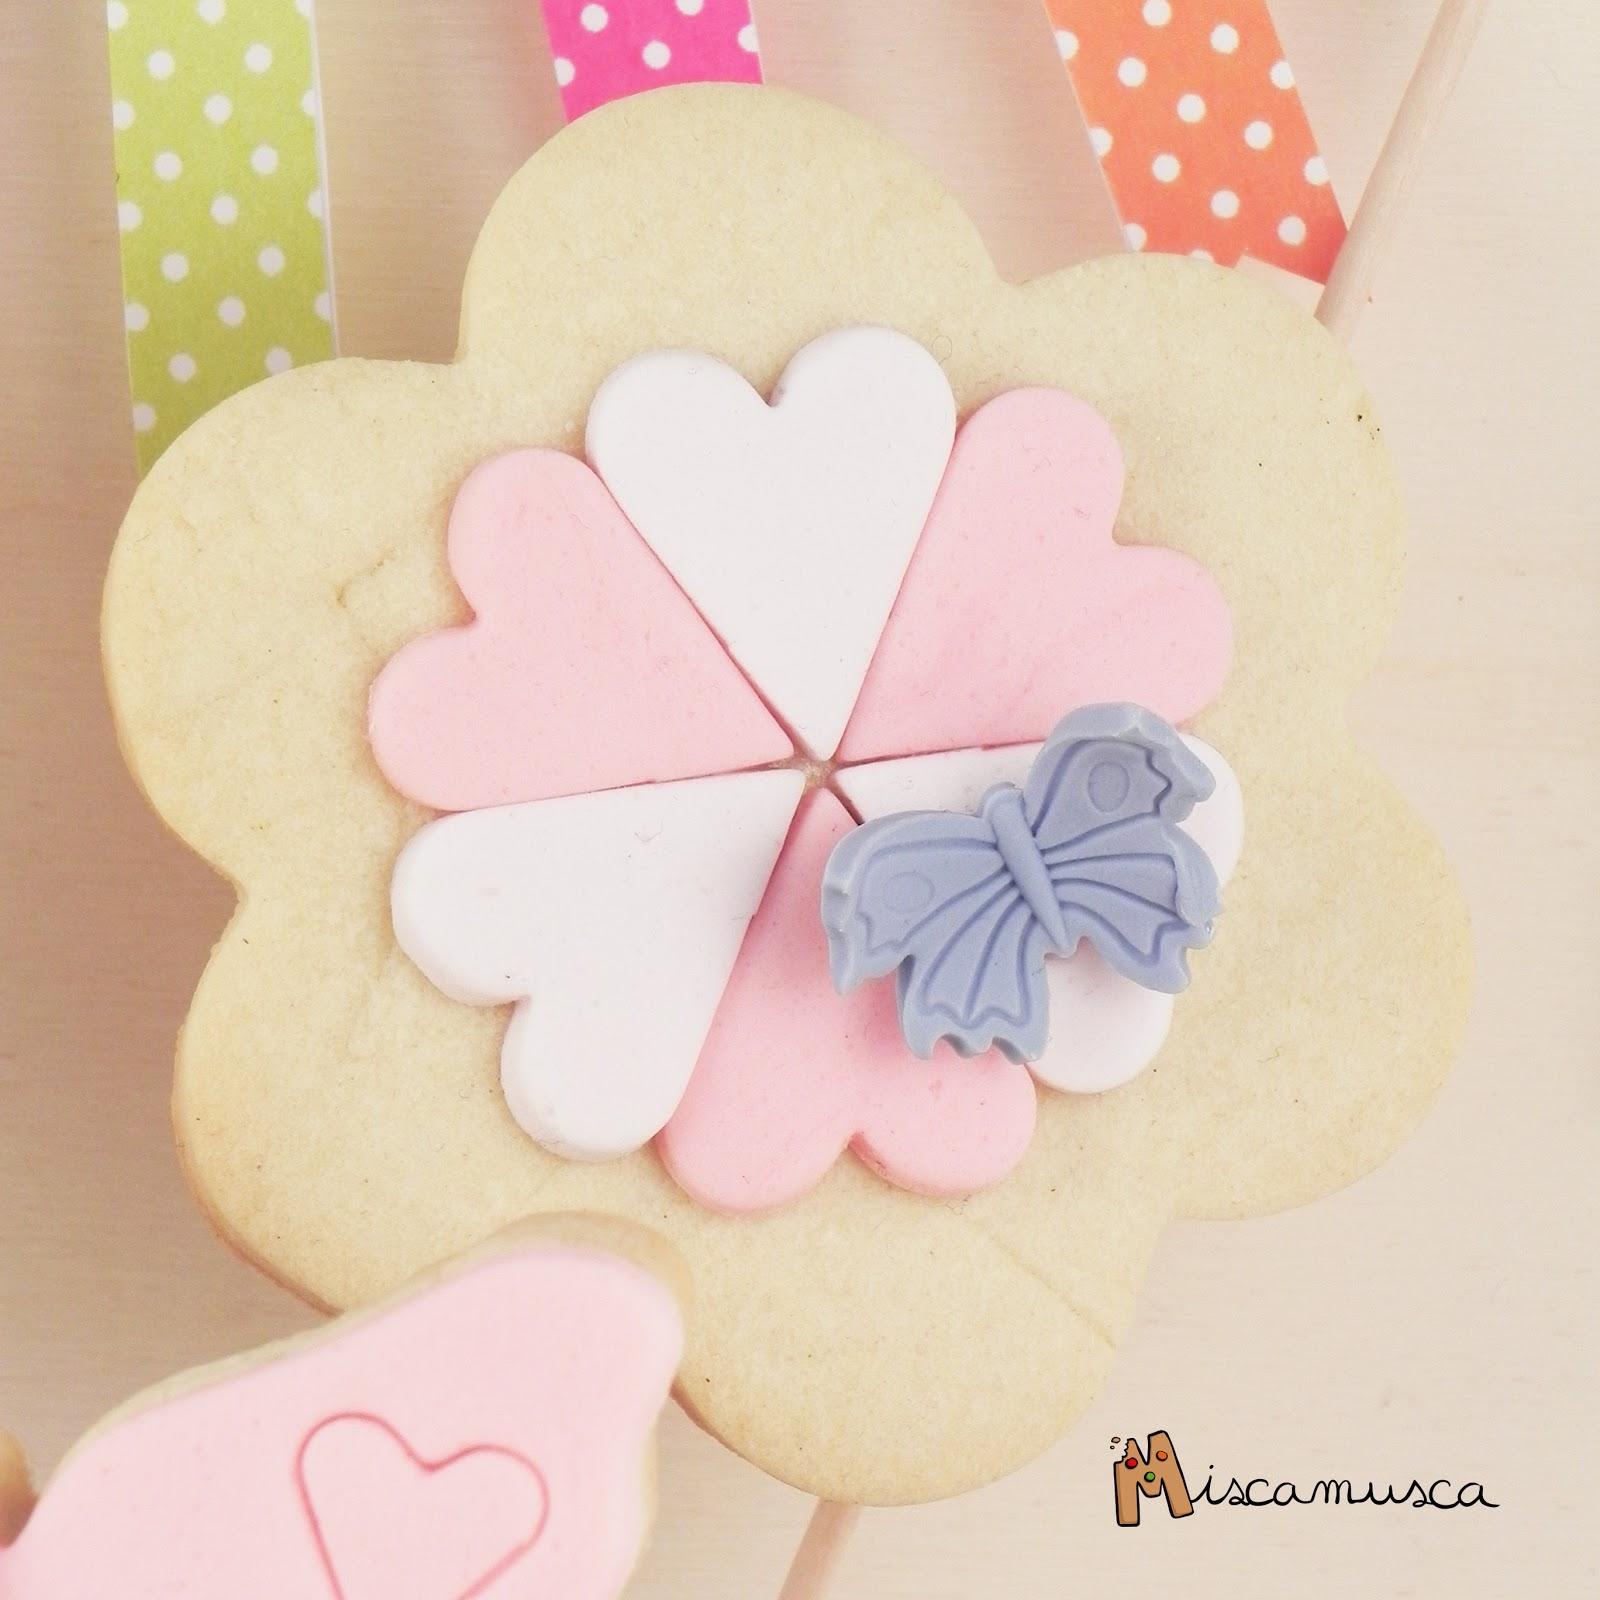 Detalle bouquet flores galleta para mamá